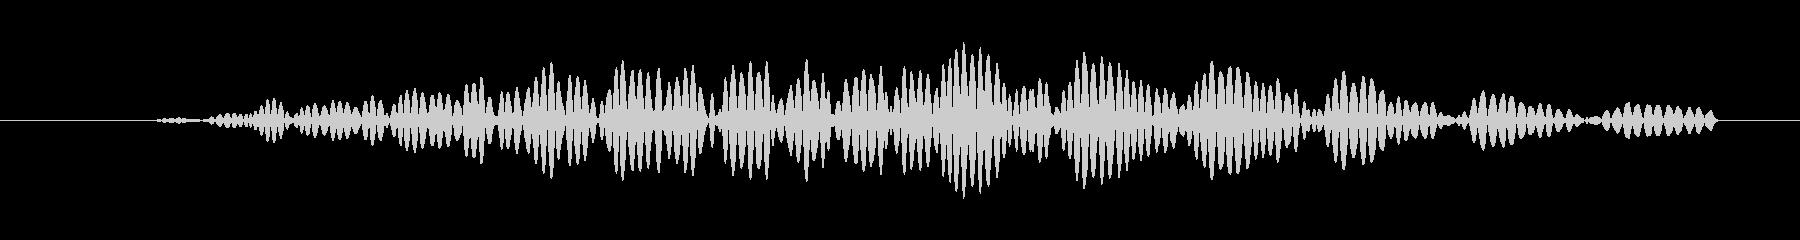 キャンセルボタン(ファンッ)の未再生の波形